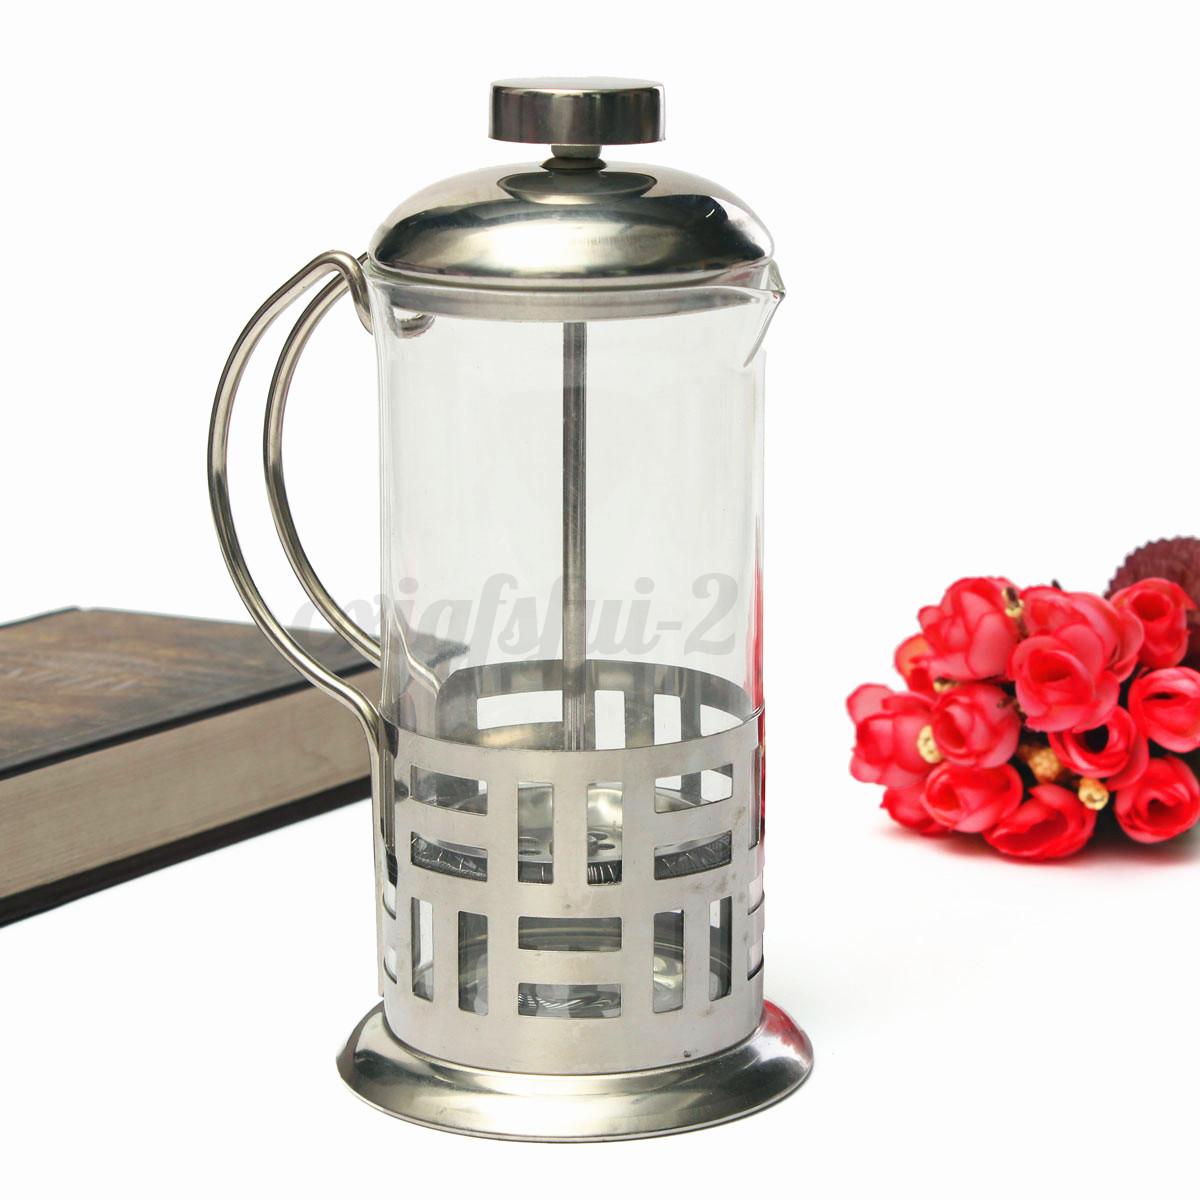 edelstahl kaffeebereiter teebereiter kaffeekocher teekanne kaffeepresse 350 ml eur 6 85. Black Bedroom Furniture Sets. Home Design Ideas